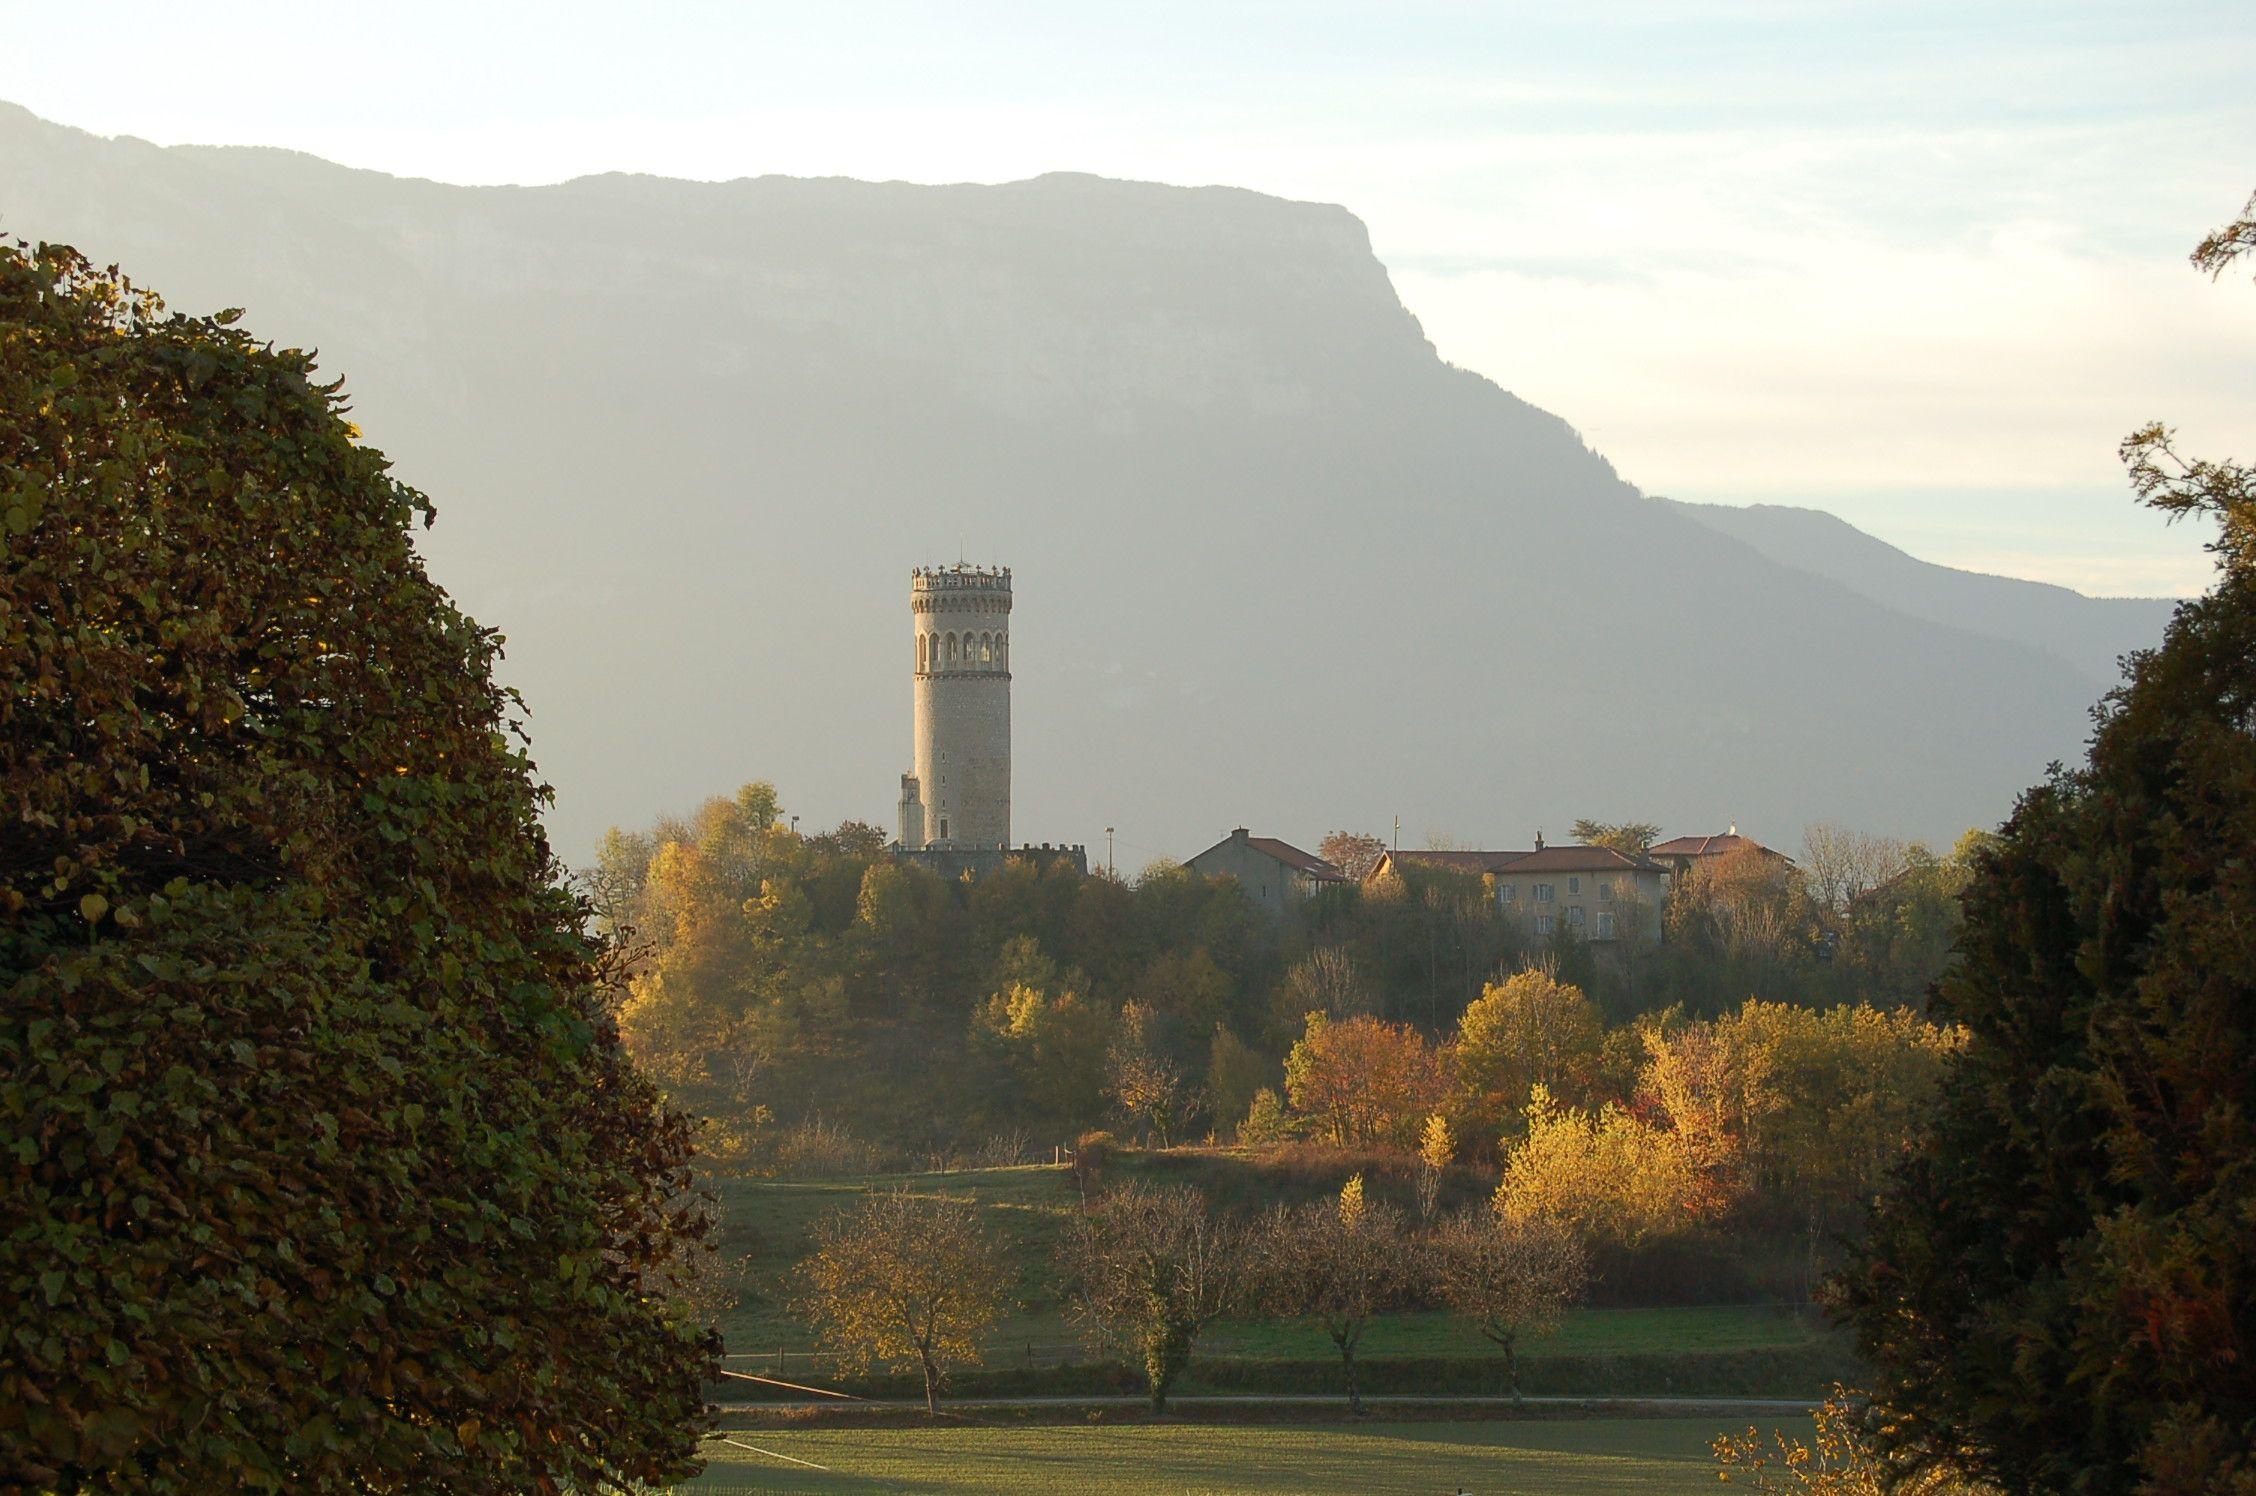 La Tour d'Avalon à Saint-Maximin en Isère